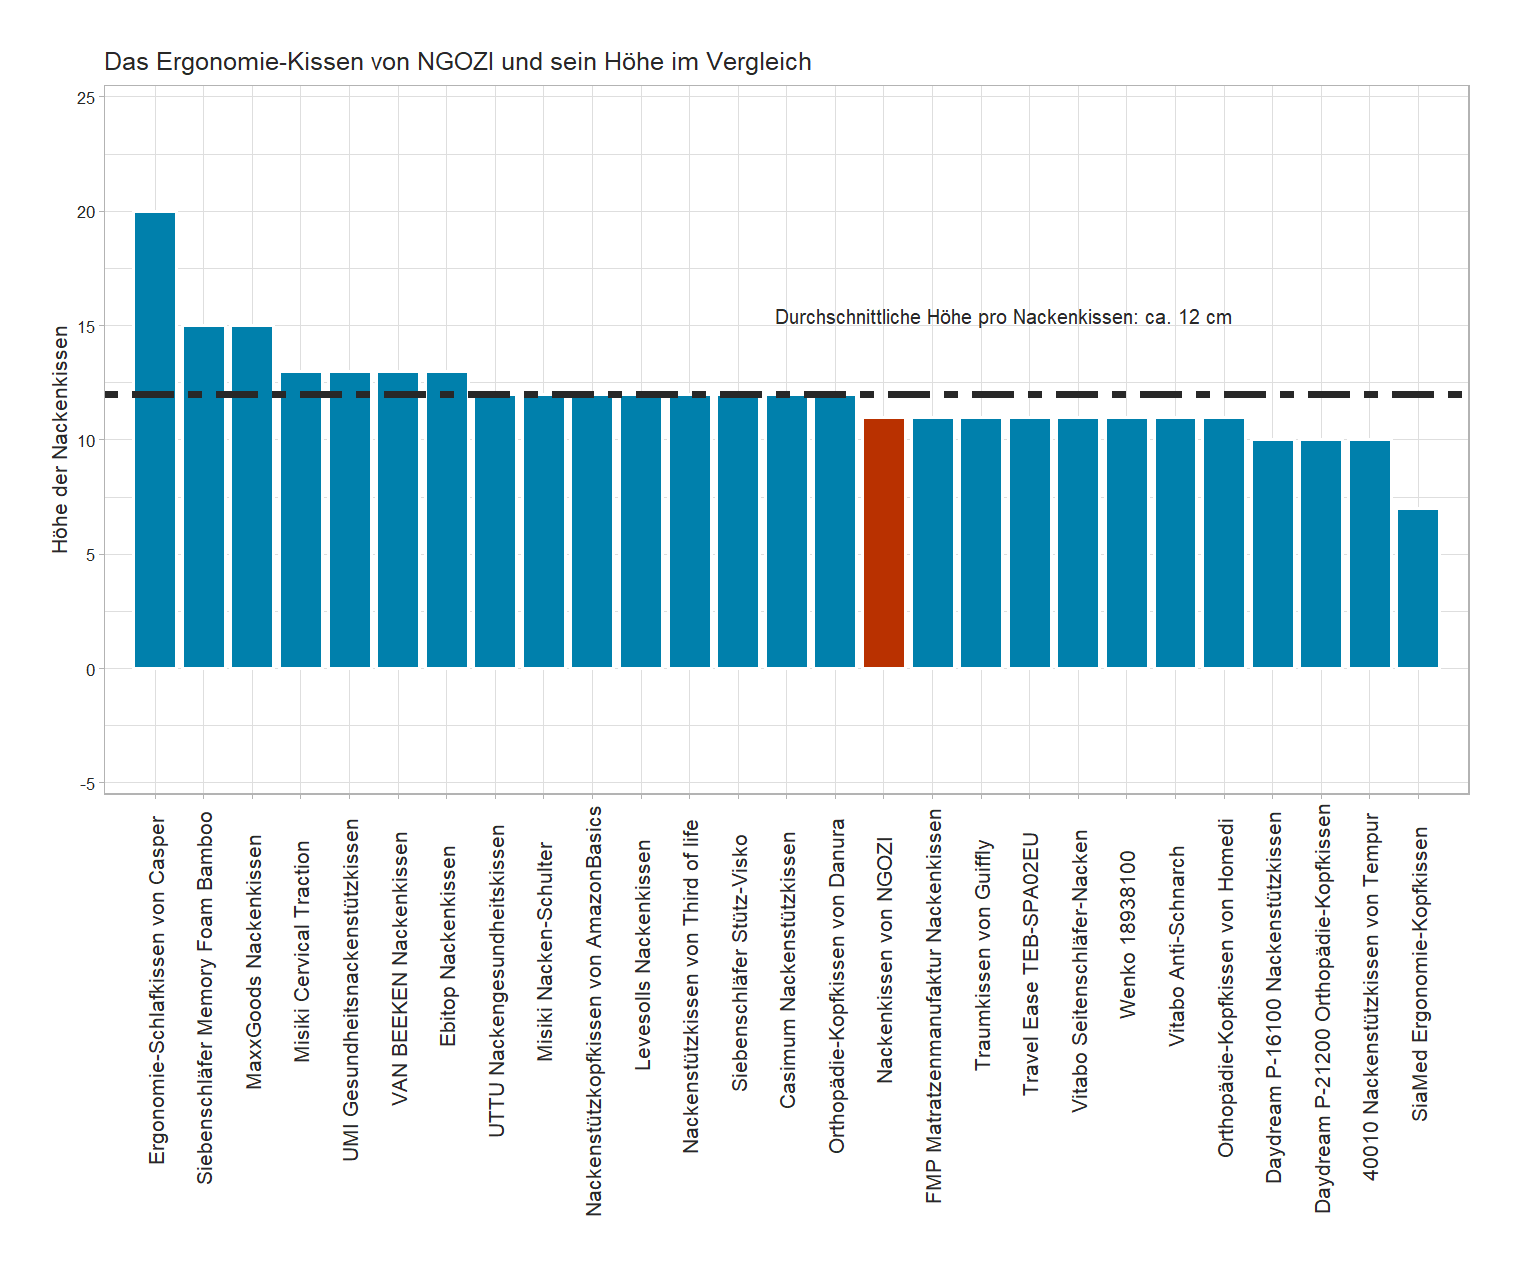 Höhe-Vergleich von dem NGOZI Gesundheitskissen